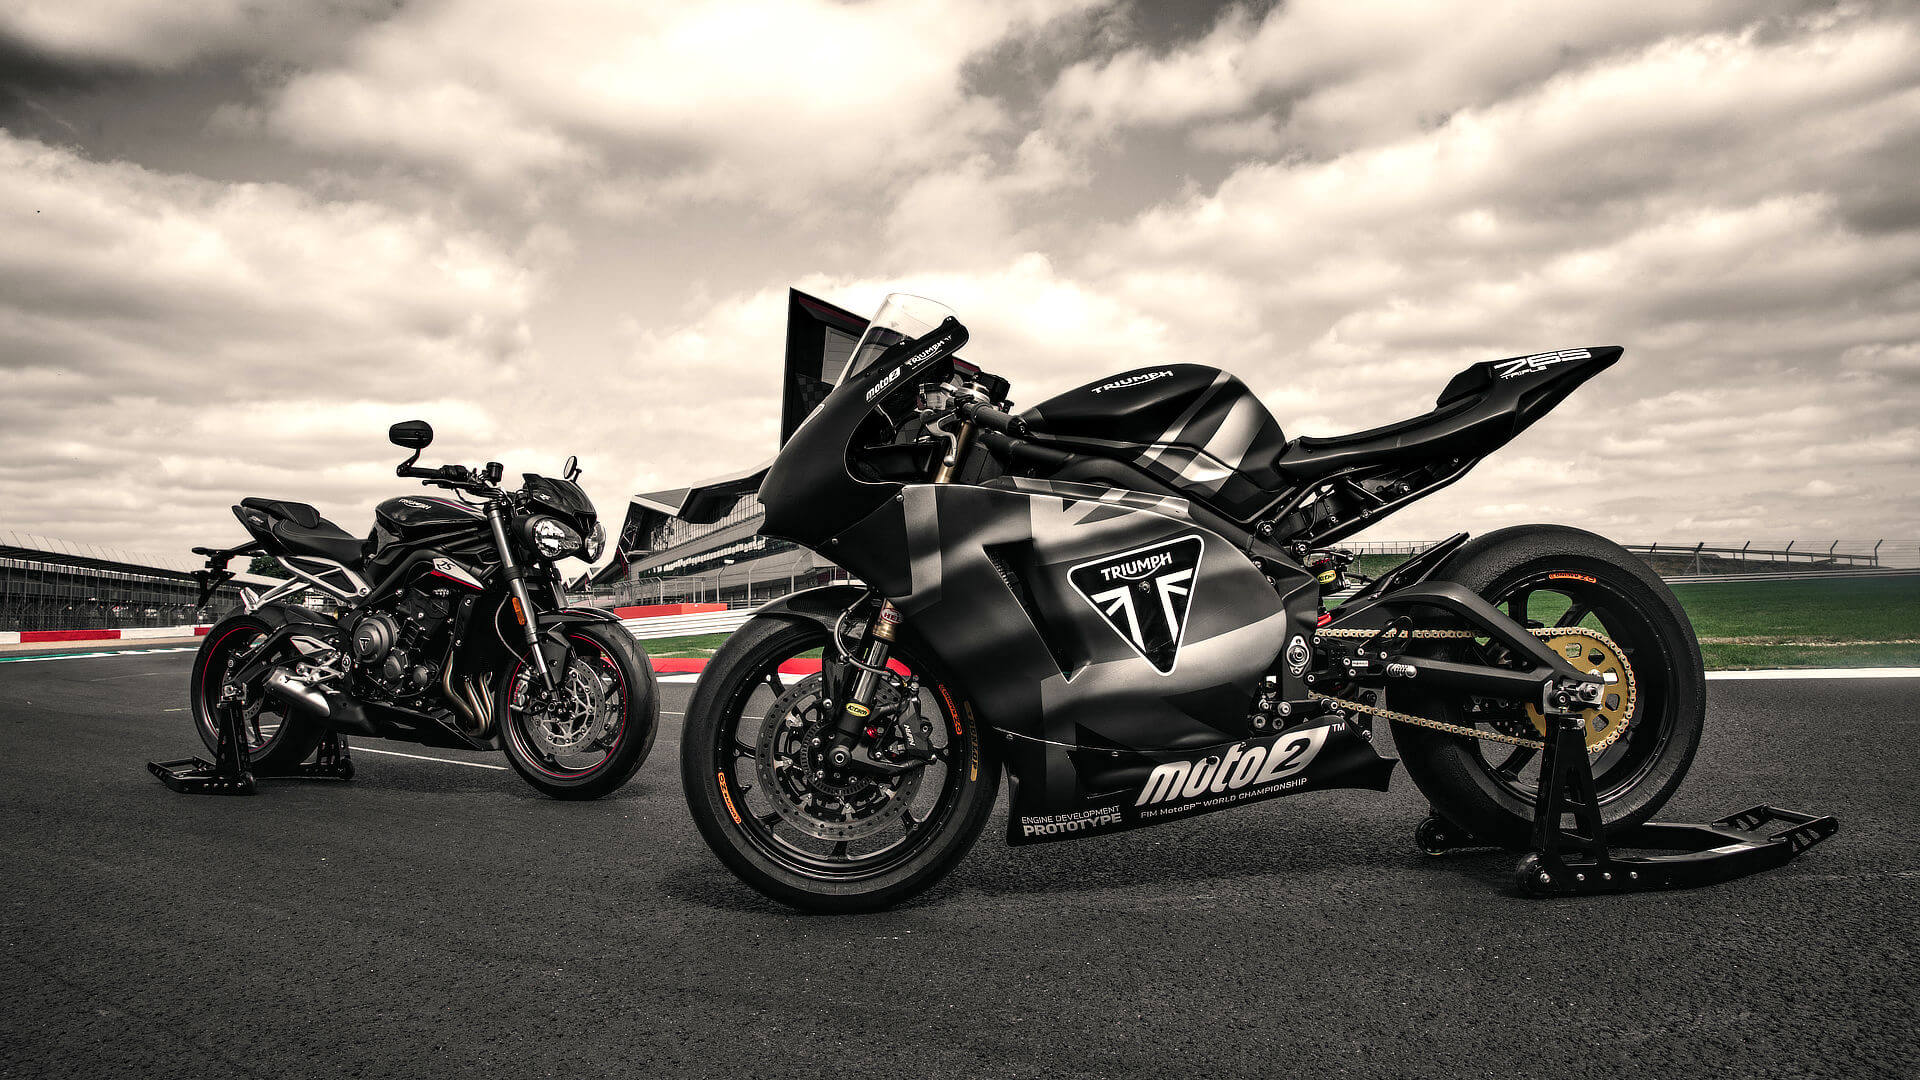 Triumph Réunion Moto 2000